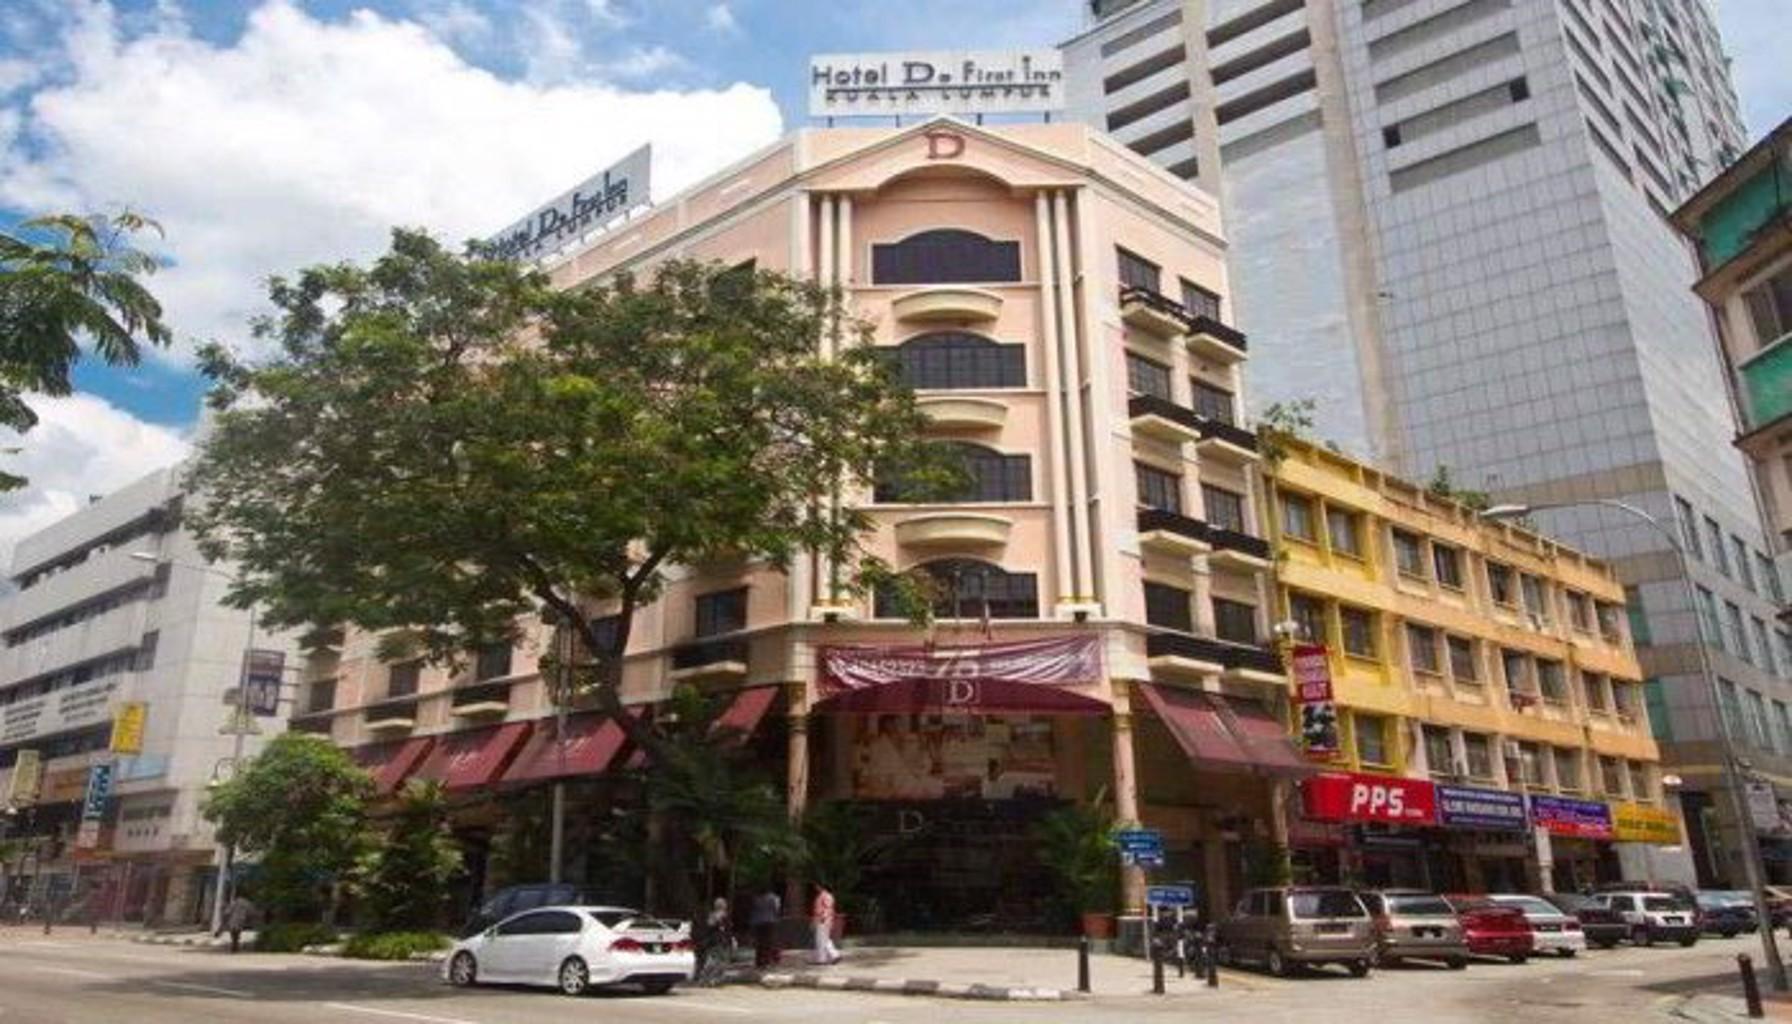 Macktz Comfort Inn Hotel